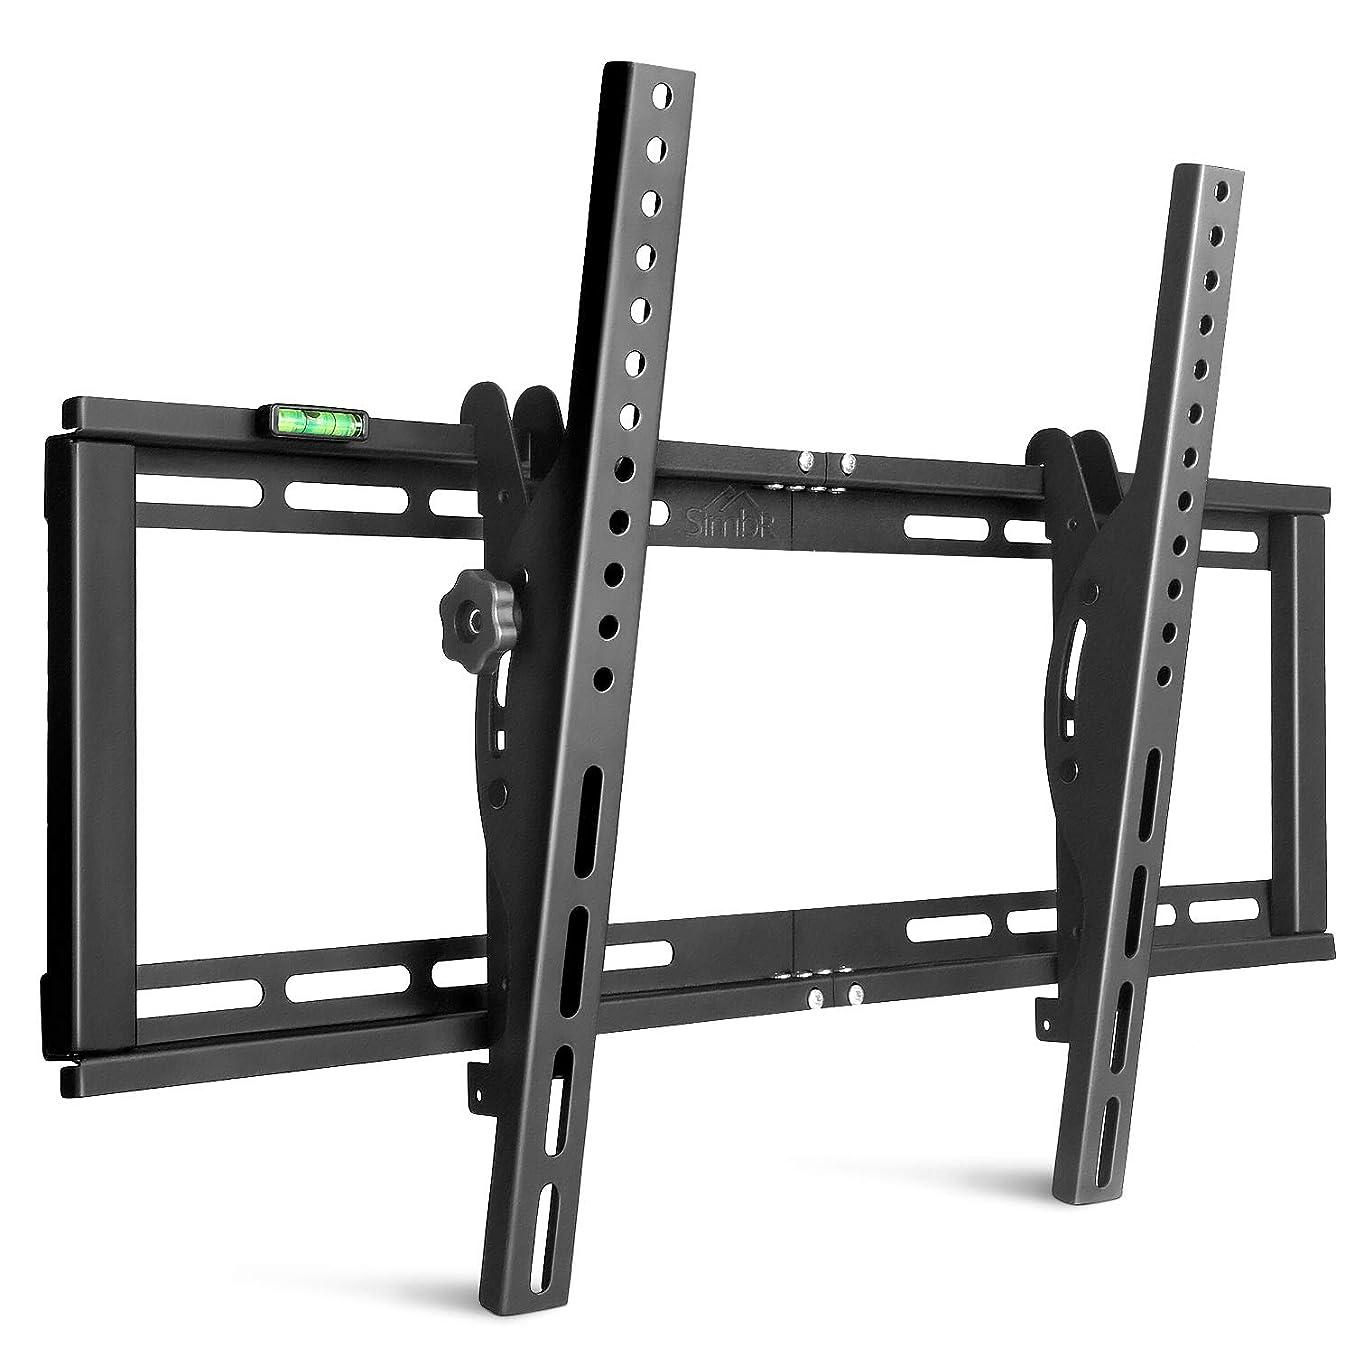 ペルセウス複雑潜在的なテレビ壁掛け金具 Simbr 26~75インチLCD LED液晶テレビ対応 強度抜群 左右移動式 上下角度調節可能 VESA対応 最大600*400mm 耐荷重60kg